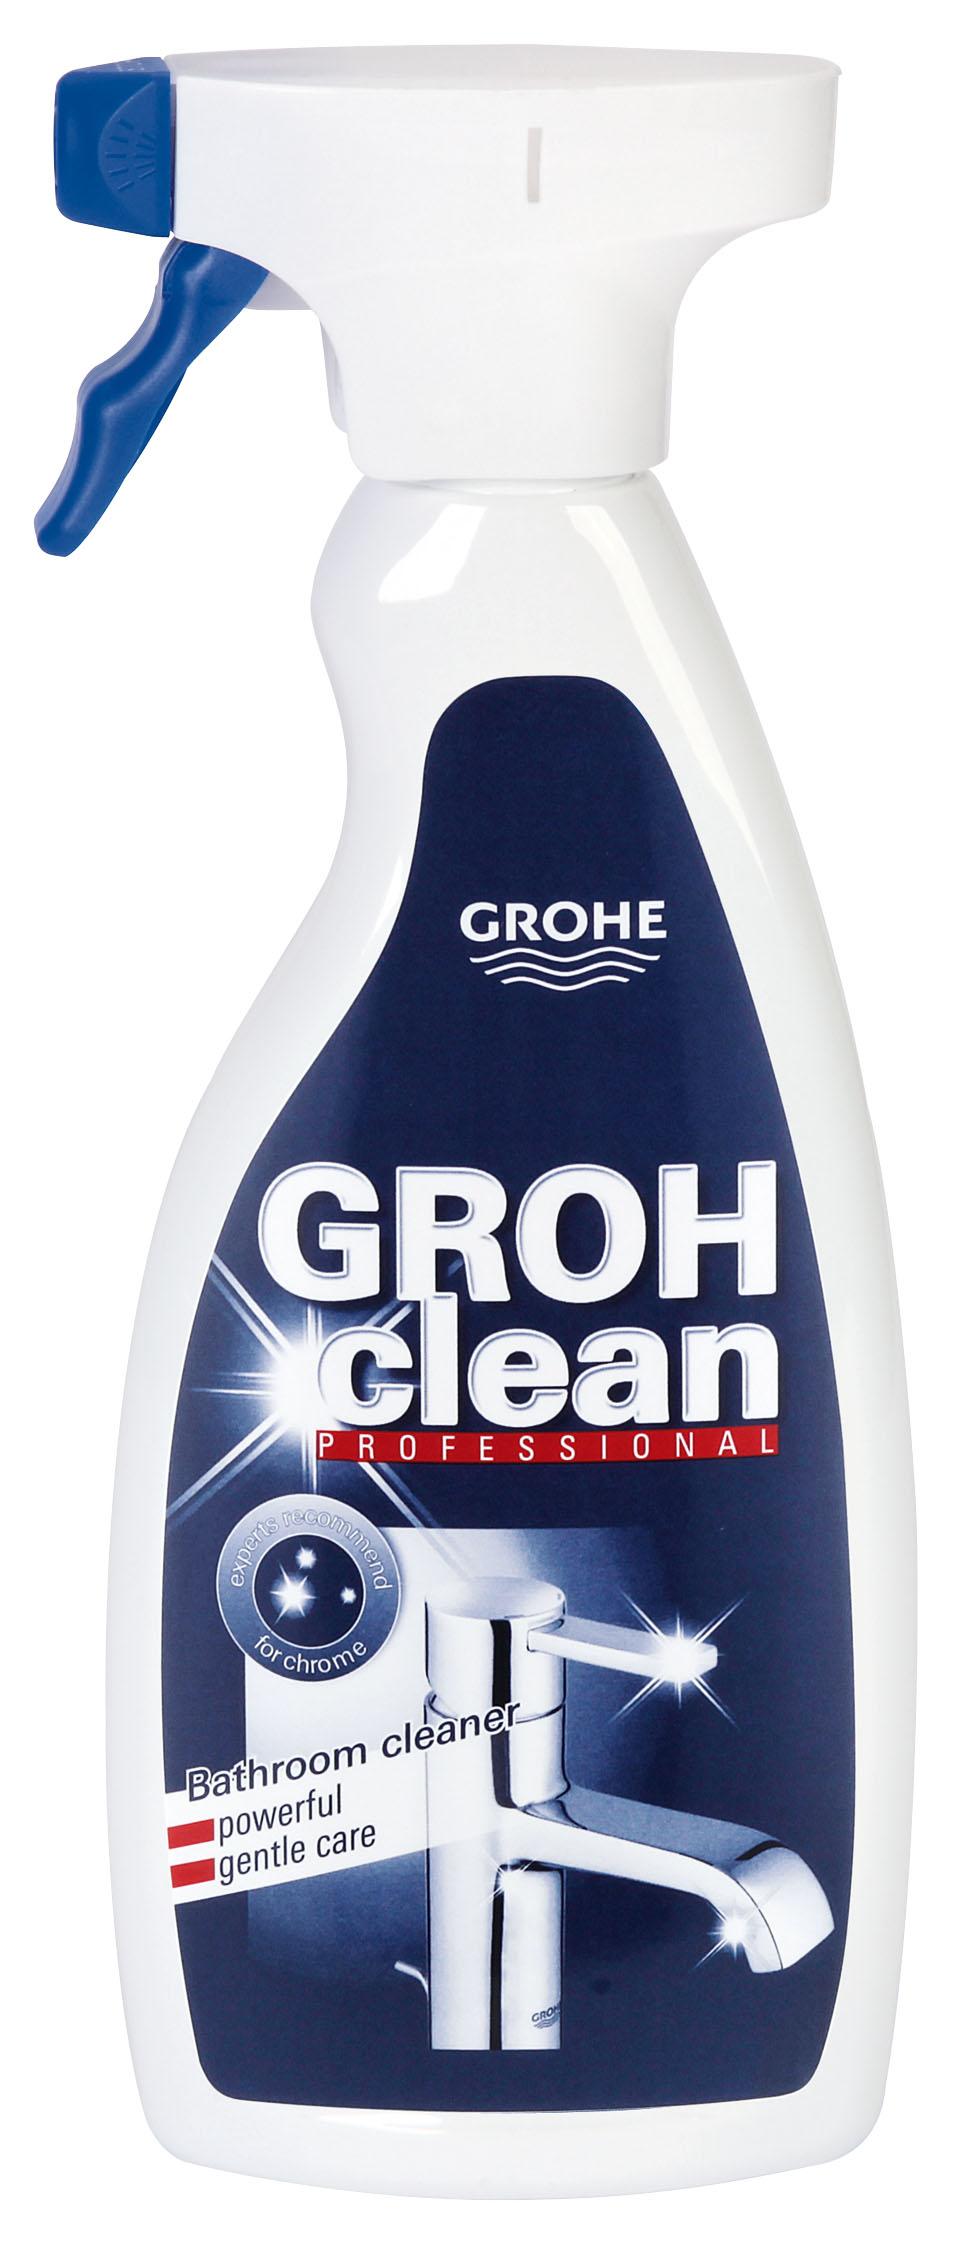 Чистящее средство для сантехники Grohe GROHclean Professional, универсальное, 500 мл чистящее средство для сантехники grohe grohclean 48166000